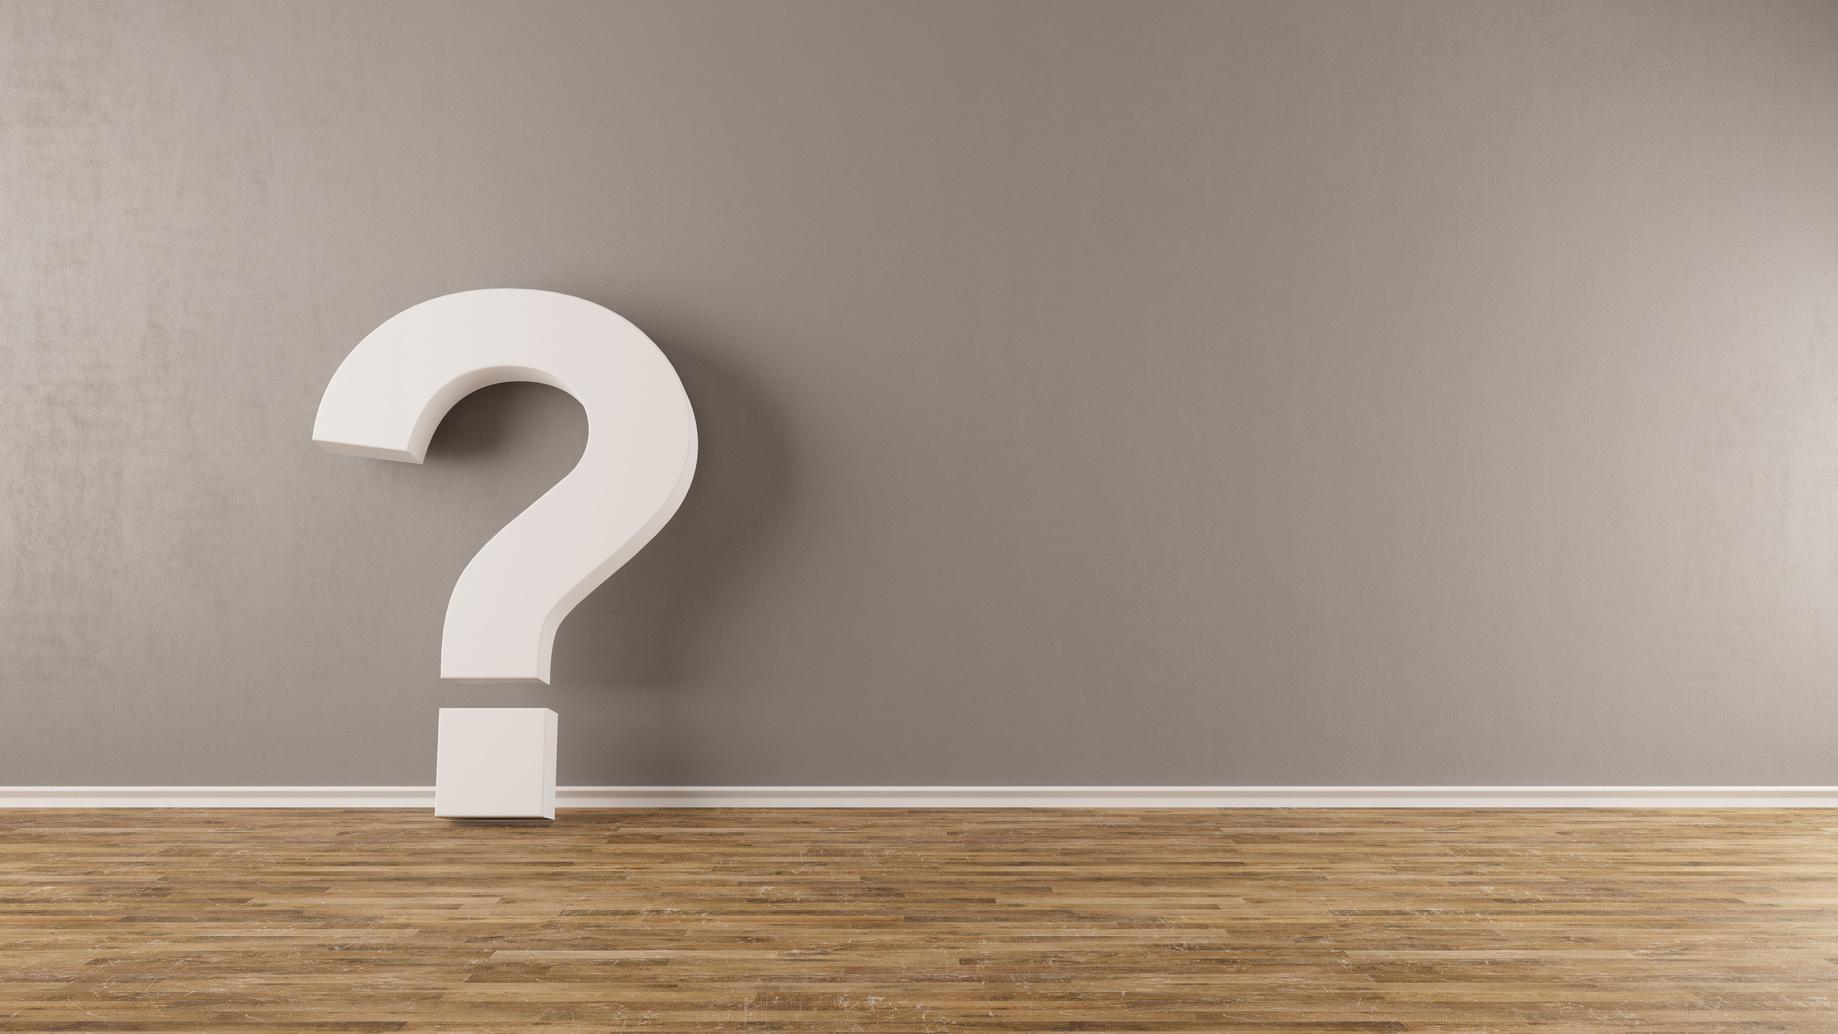 Zauber der Kommunikation - Wann die Frage nach dem 'Warum' mehr zerstört als entwickelt